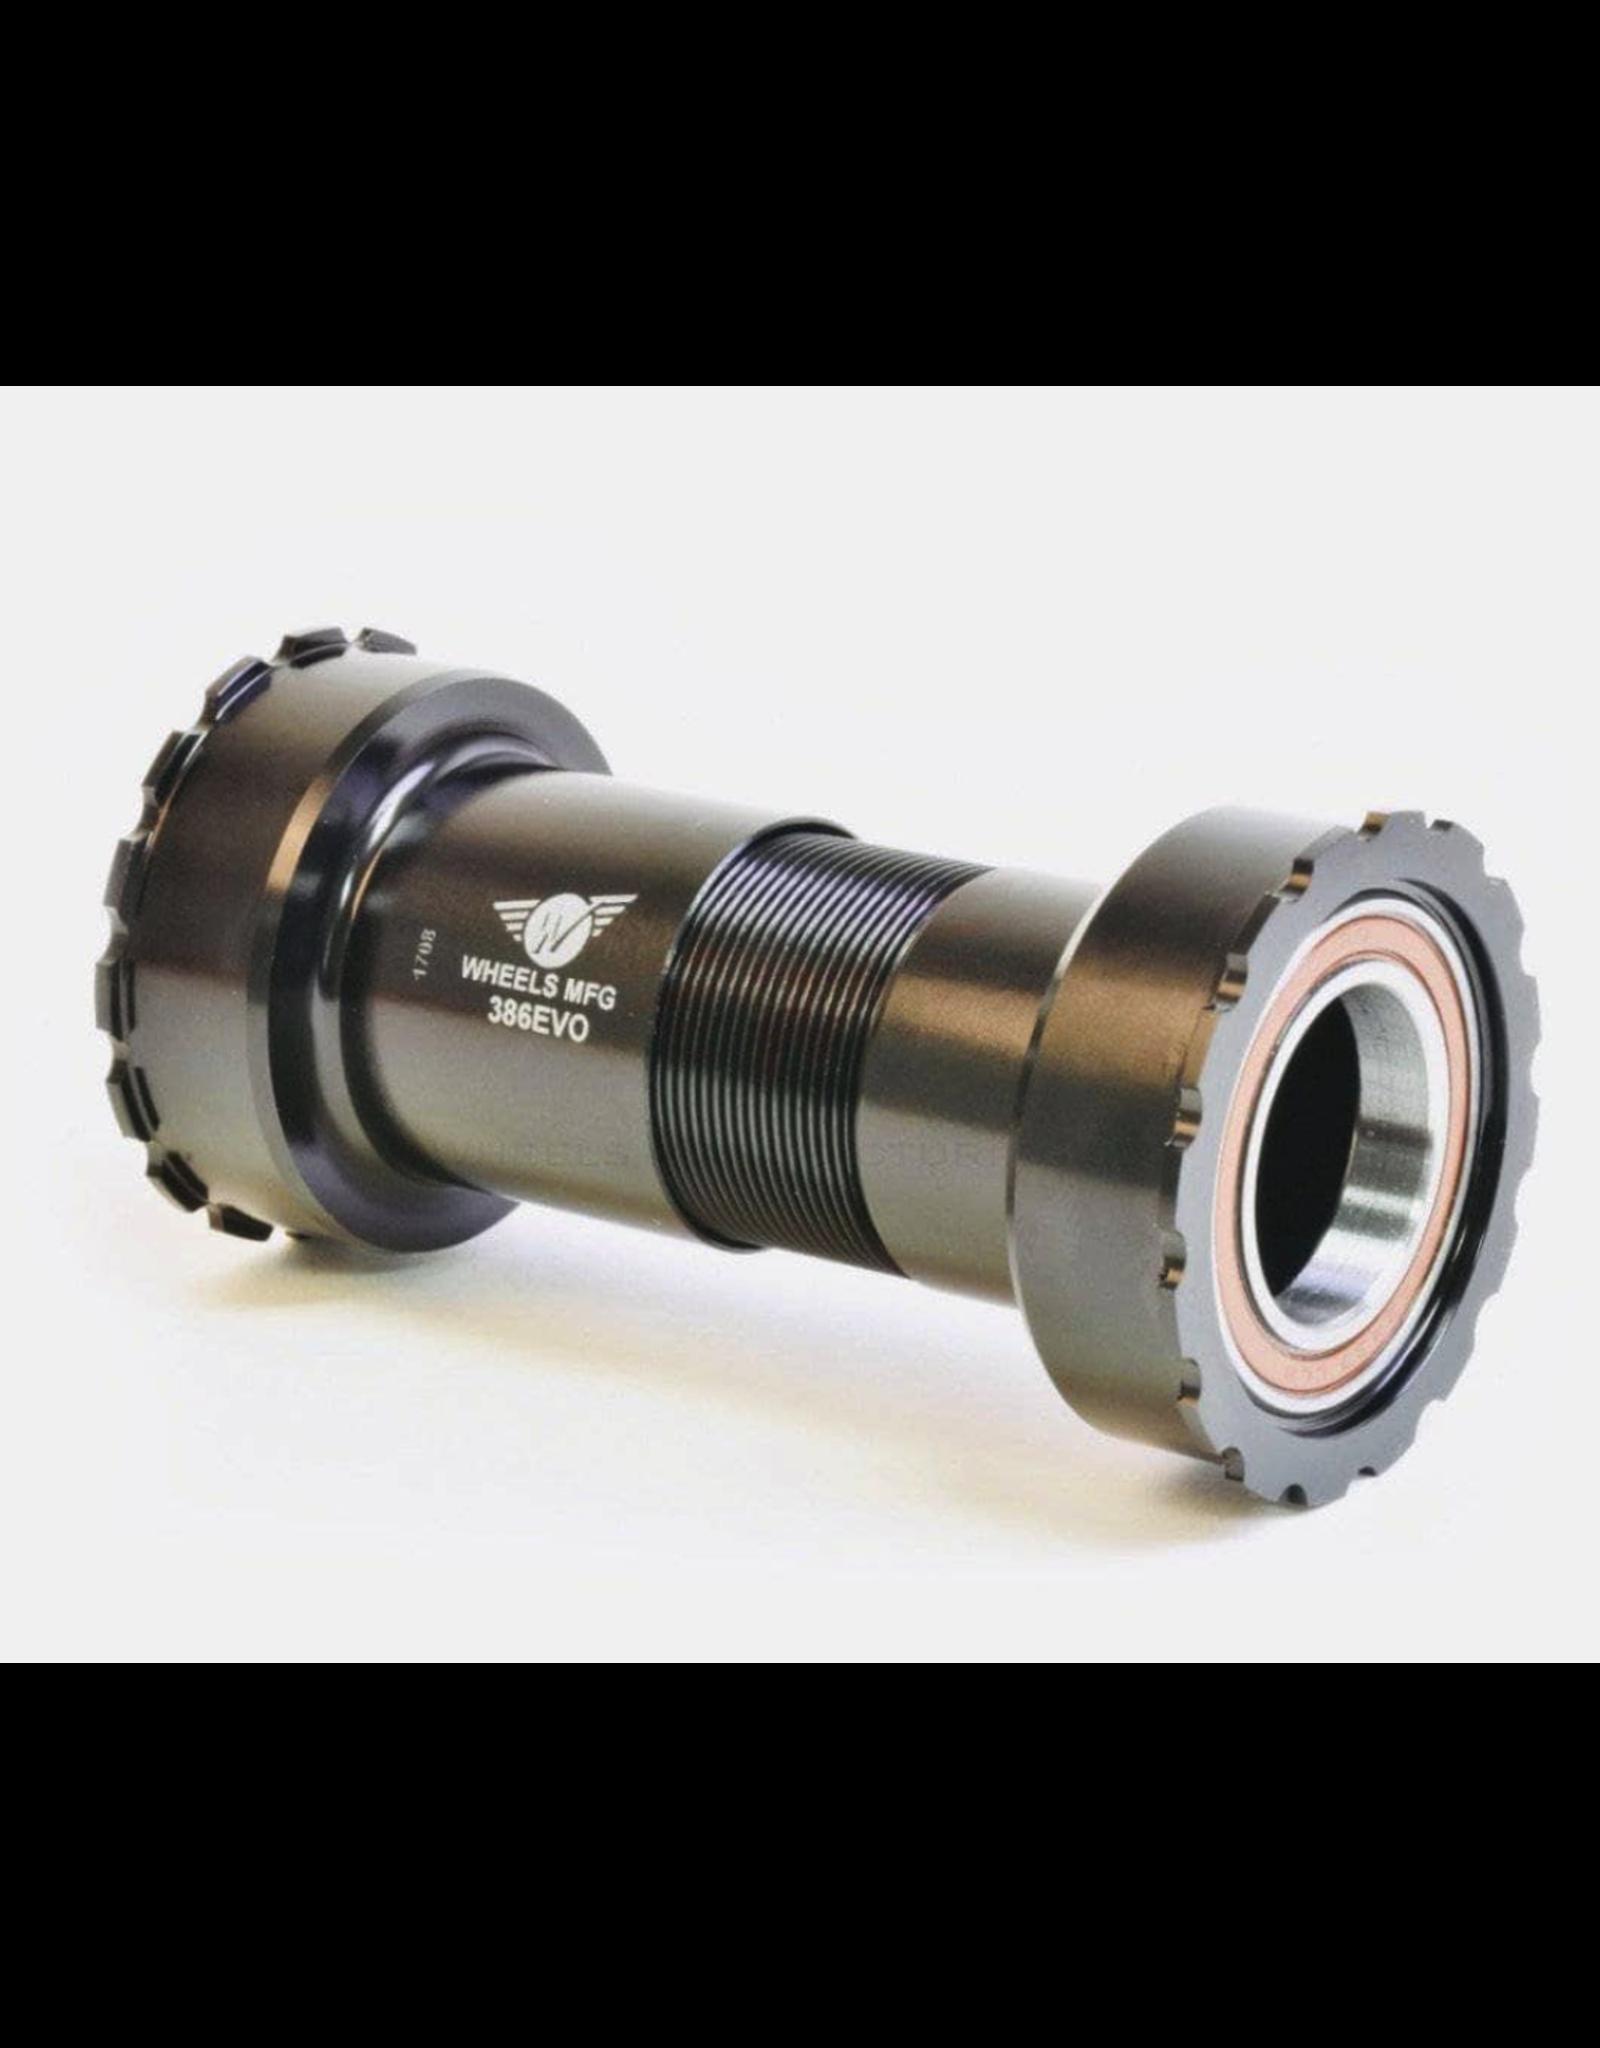 Wheels Manufacturing Wheels Manufacturing, 386EVO to External BB, Press Fit BB, BB386EVO, Spindle: 24mm, Width: 86mm, Diameter: 46mm